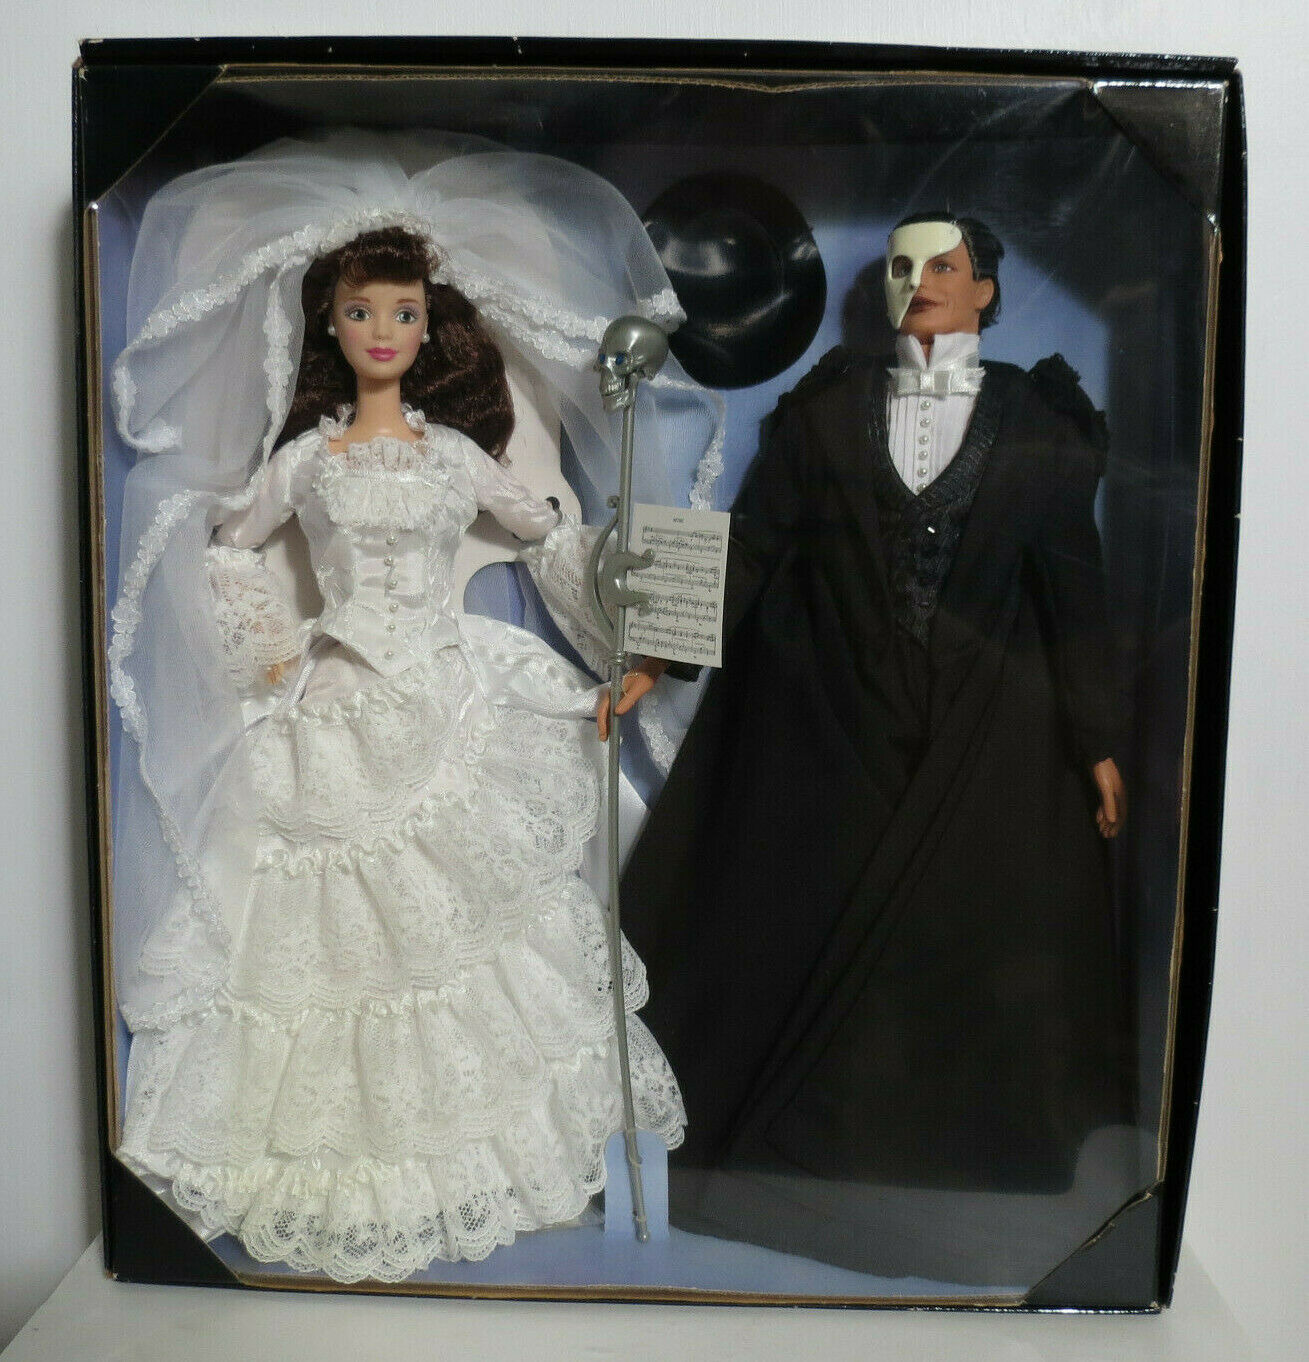 Barbie Y Ken el fantasma de la ópera FAO Schwartz No.20377 Nuevo en caja nunca quitado de la caja de edición limitada.